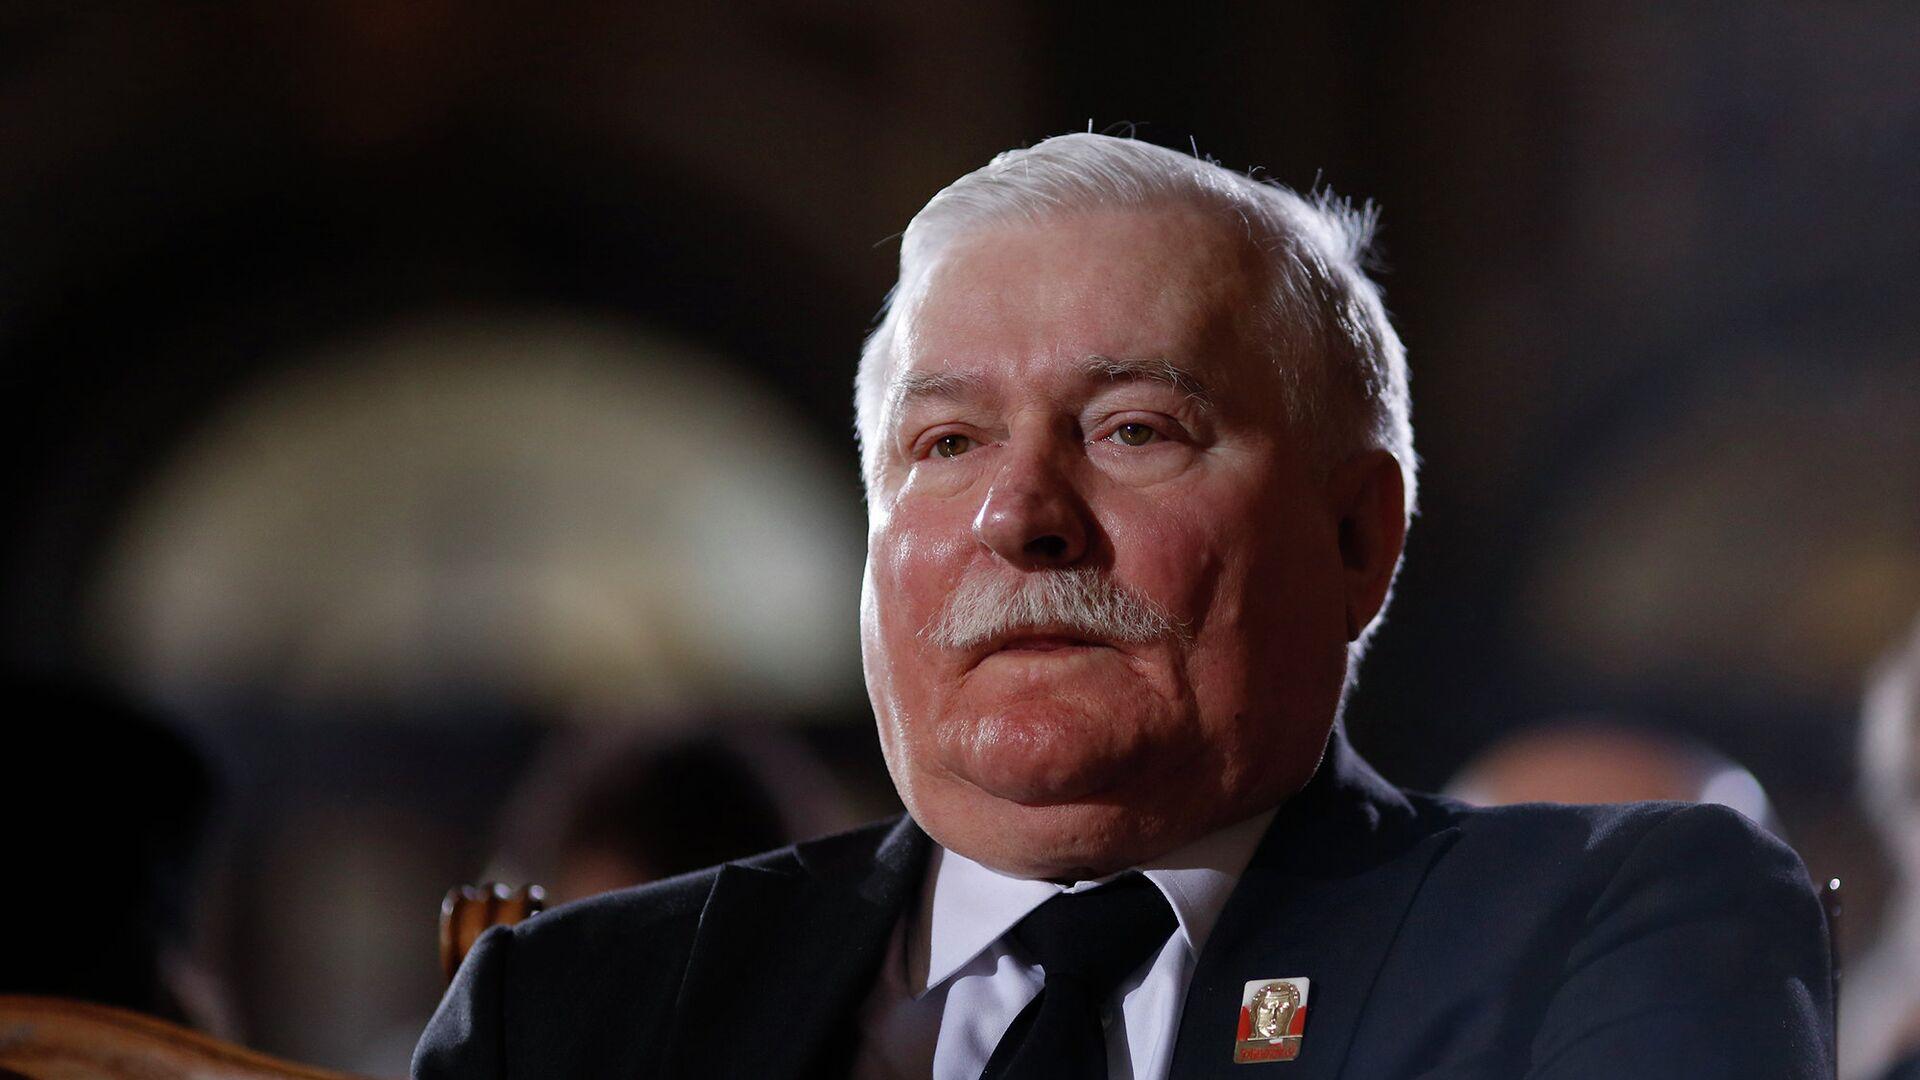 Бывший президент Польши Лех Валенса  - РИА Новости, 1920, 15.06.2021